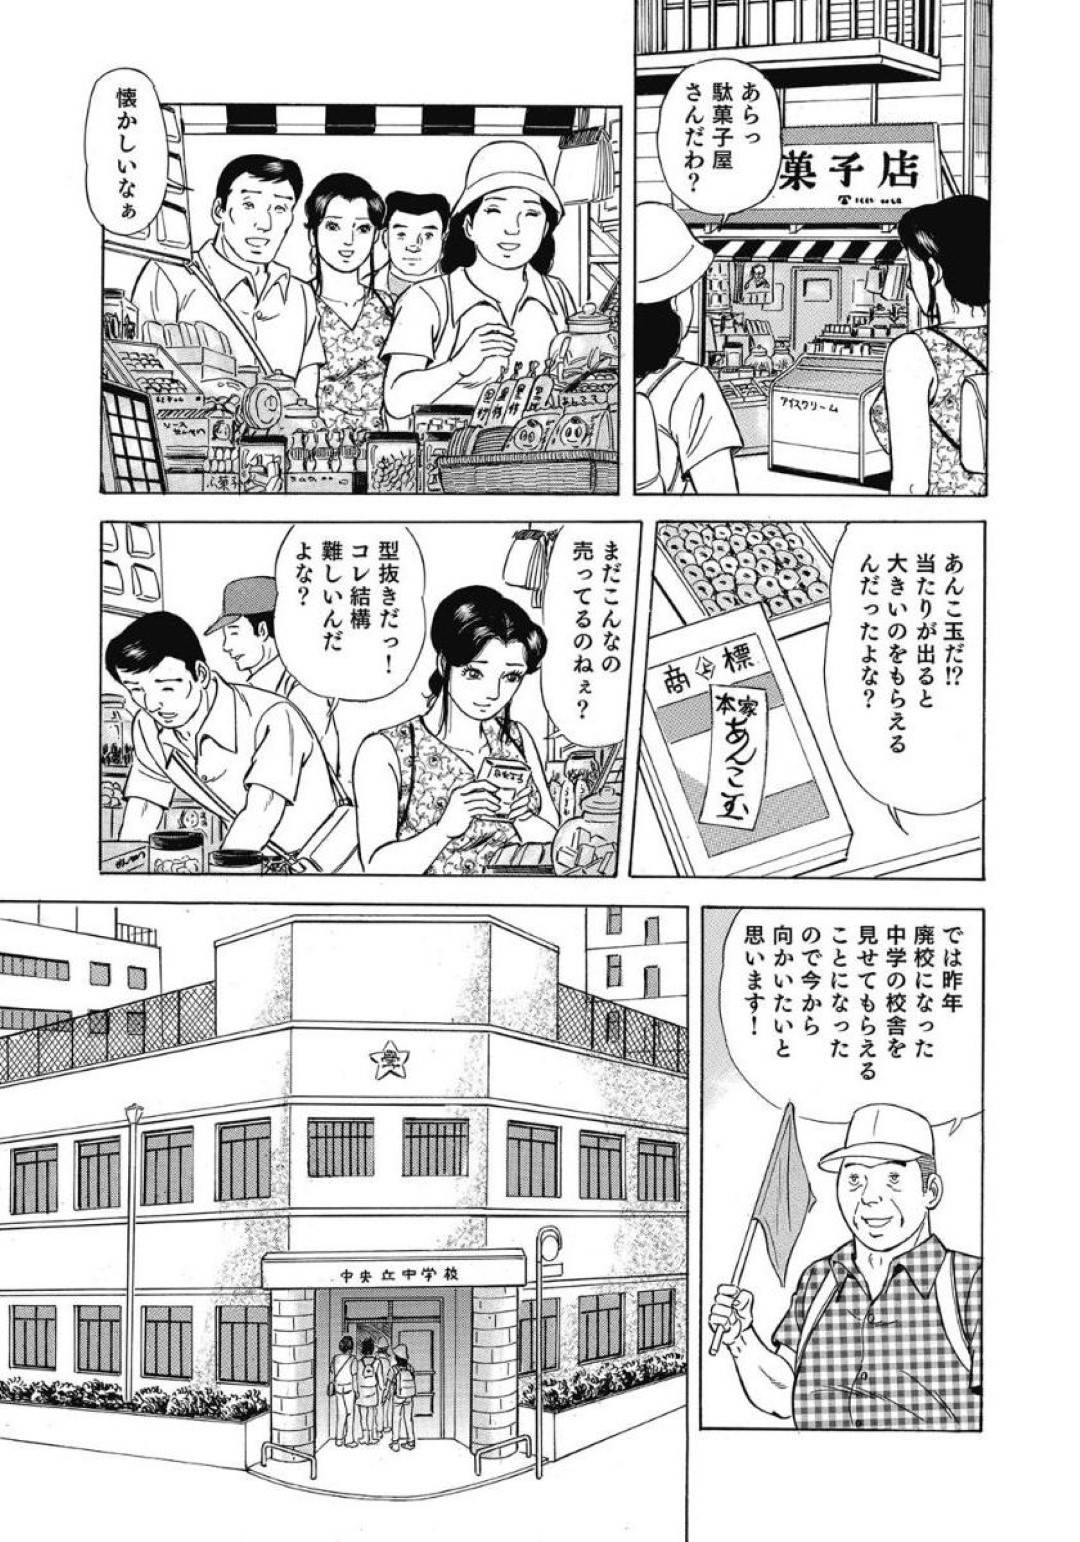 【エロ漫画】学生時代以来久しぶりに出会った愛しの人妻…キスしたり乳首責めされちゃってフェラしたりクンニされちゃって中出しセックスでイチャラブしちゃう!【吉浜さかり:初めてキスした場所はどこ?】